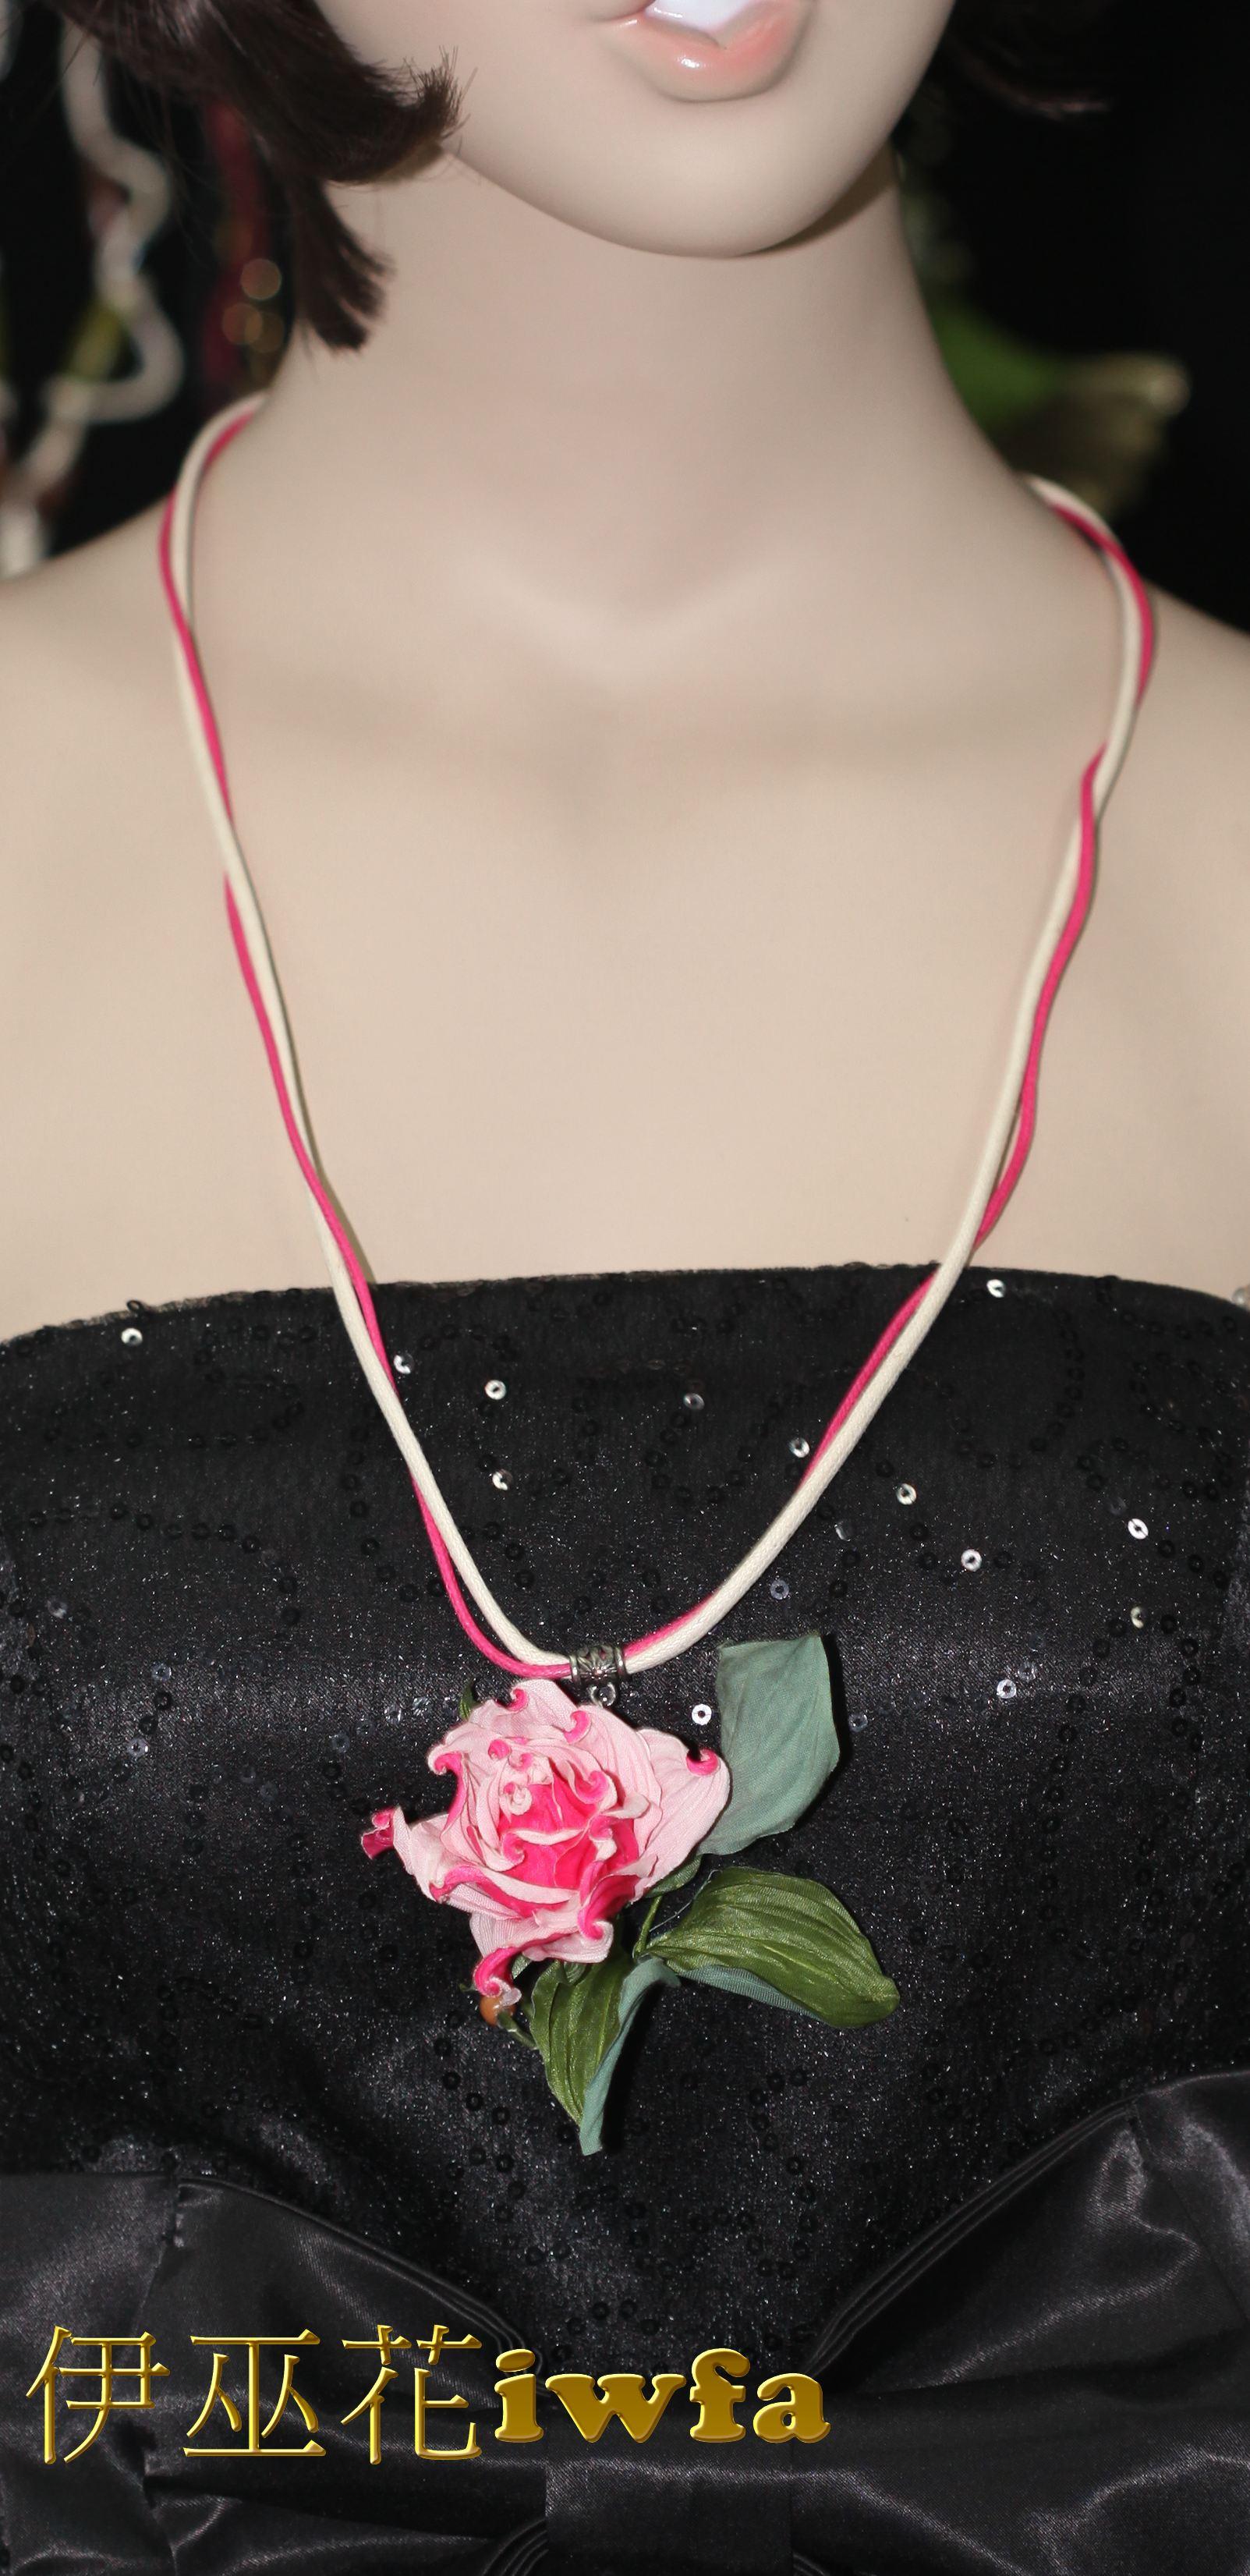 民俗風-藤蔓上的玫瑰花--桃紅色